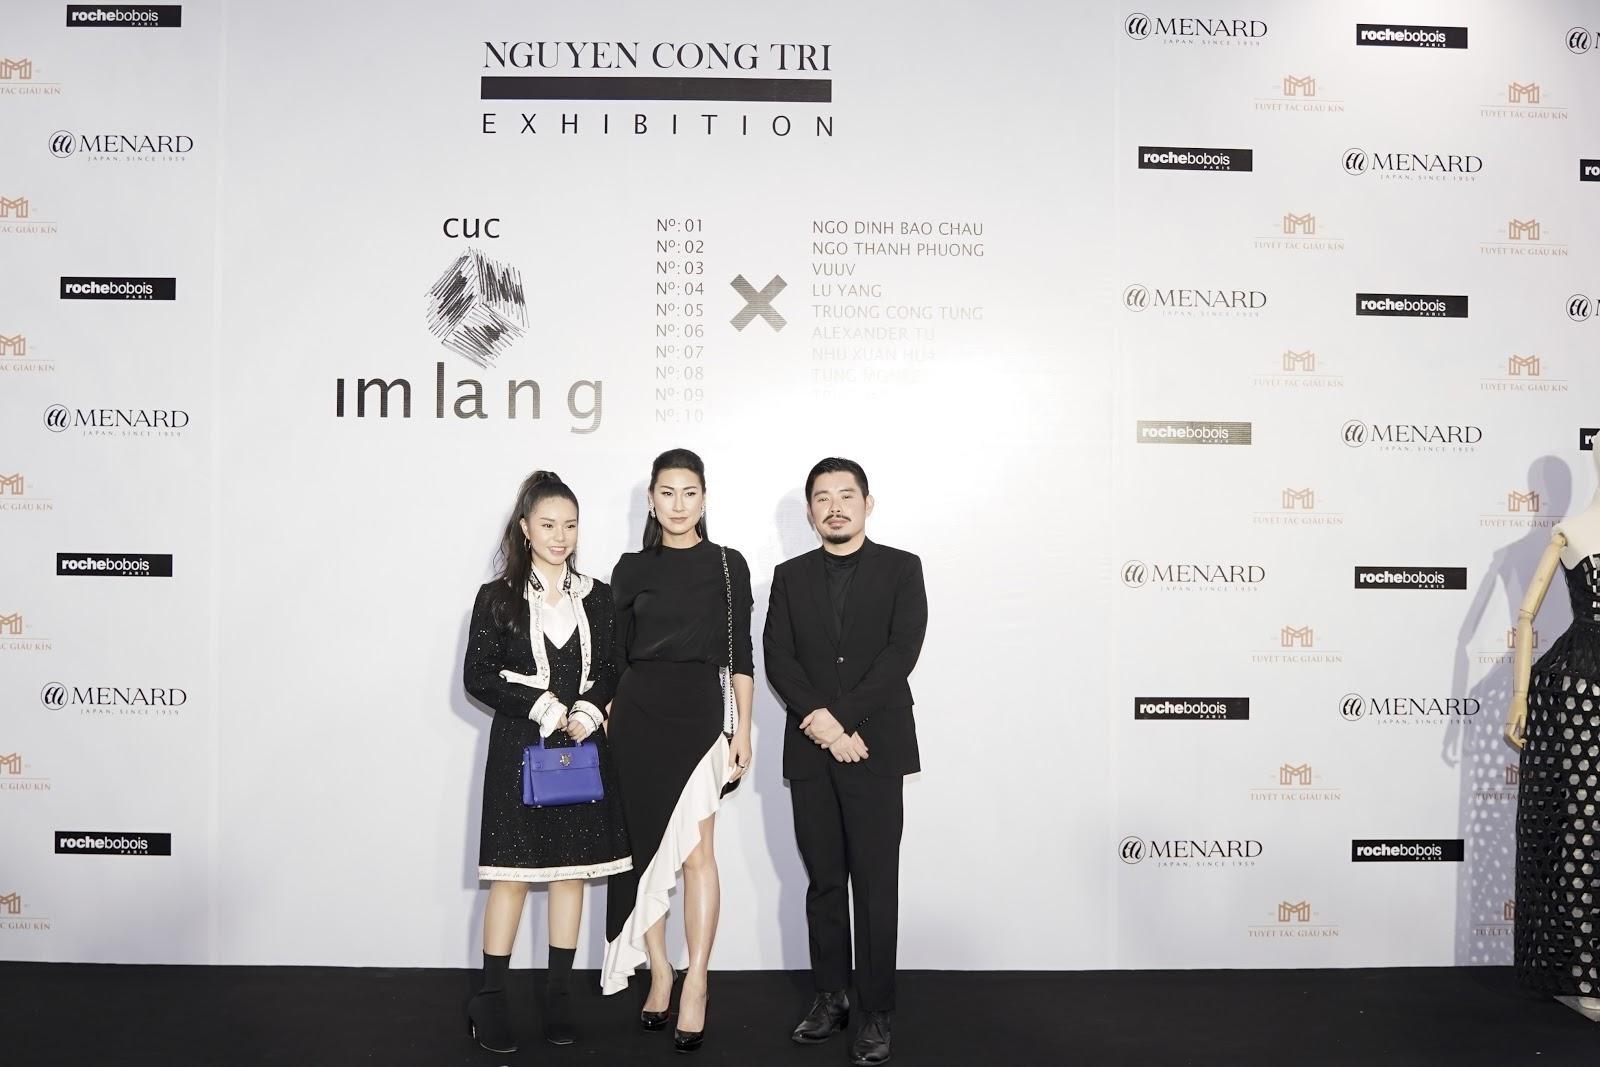 Dàn mỹ nhân Vbiz đọ dáng tại sự kiện Triển lãm Thời trang Nguyễn Công Trí - Hình 21